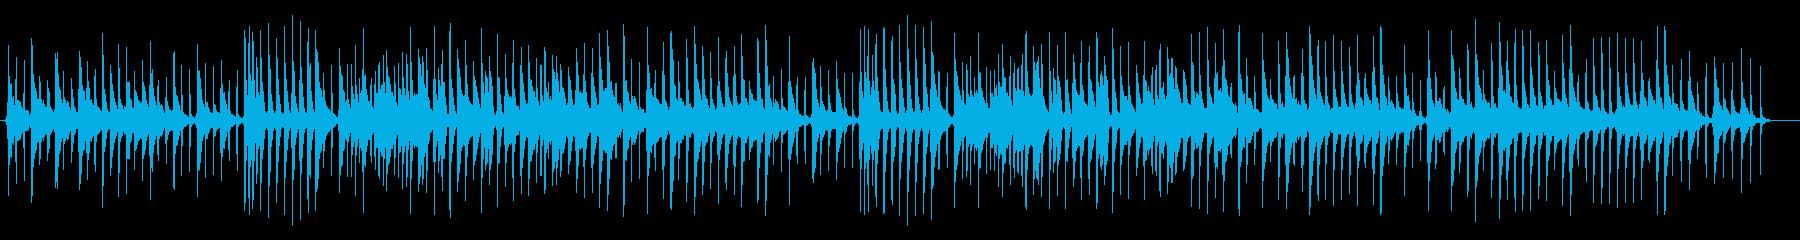 メルヘン・ワルツ・ピアノ風・ゆっくりの再生済みの波形